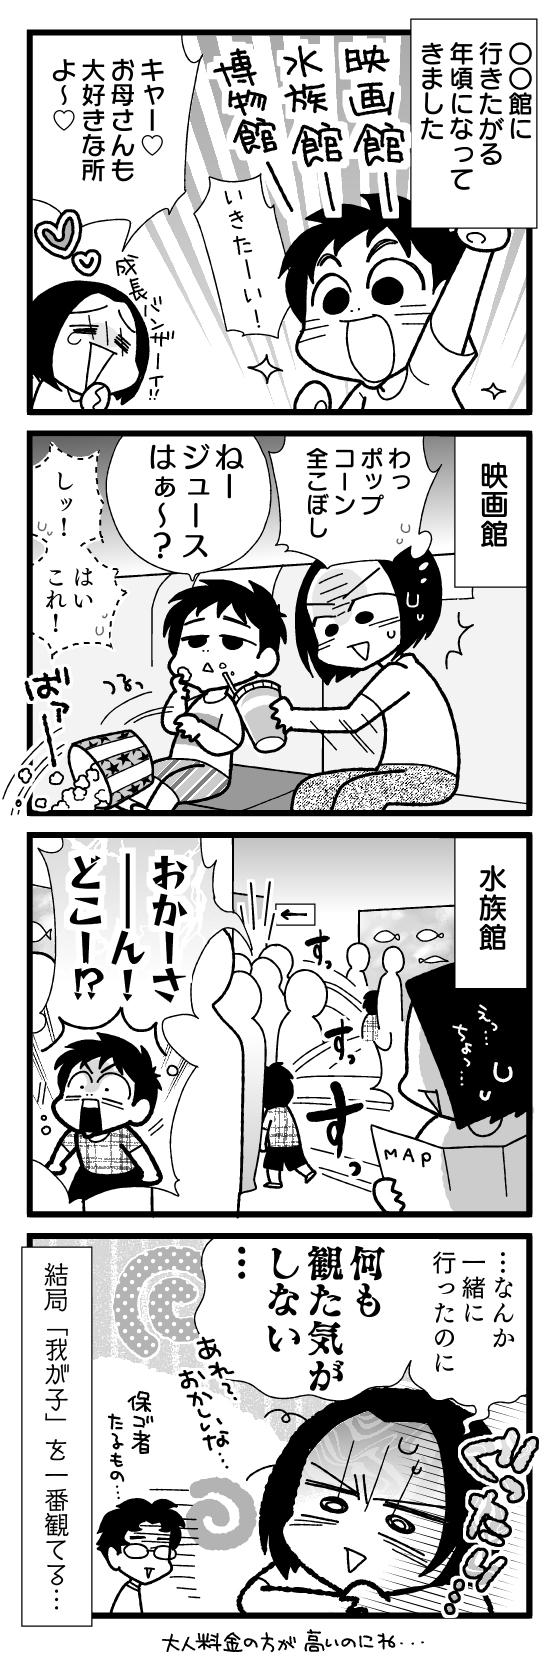 漫画『怒濤のにゅーじヨージ』Vol.211「こどもと○○館」 1コマ目